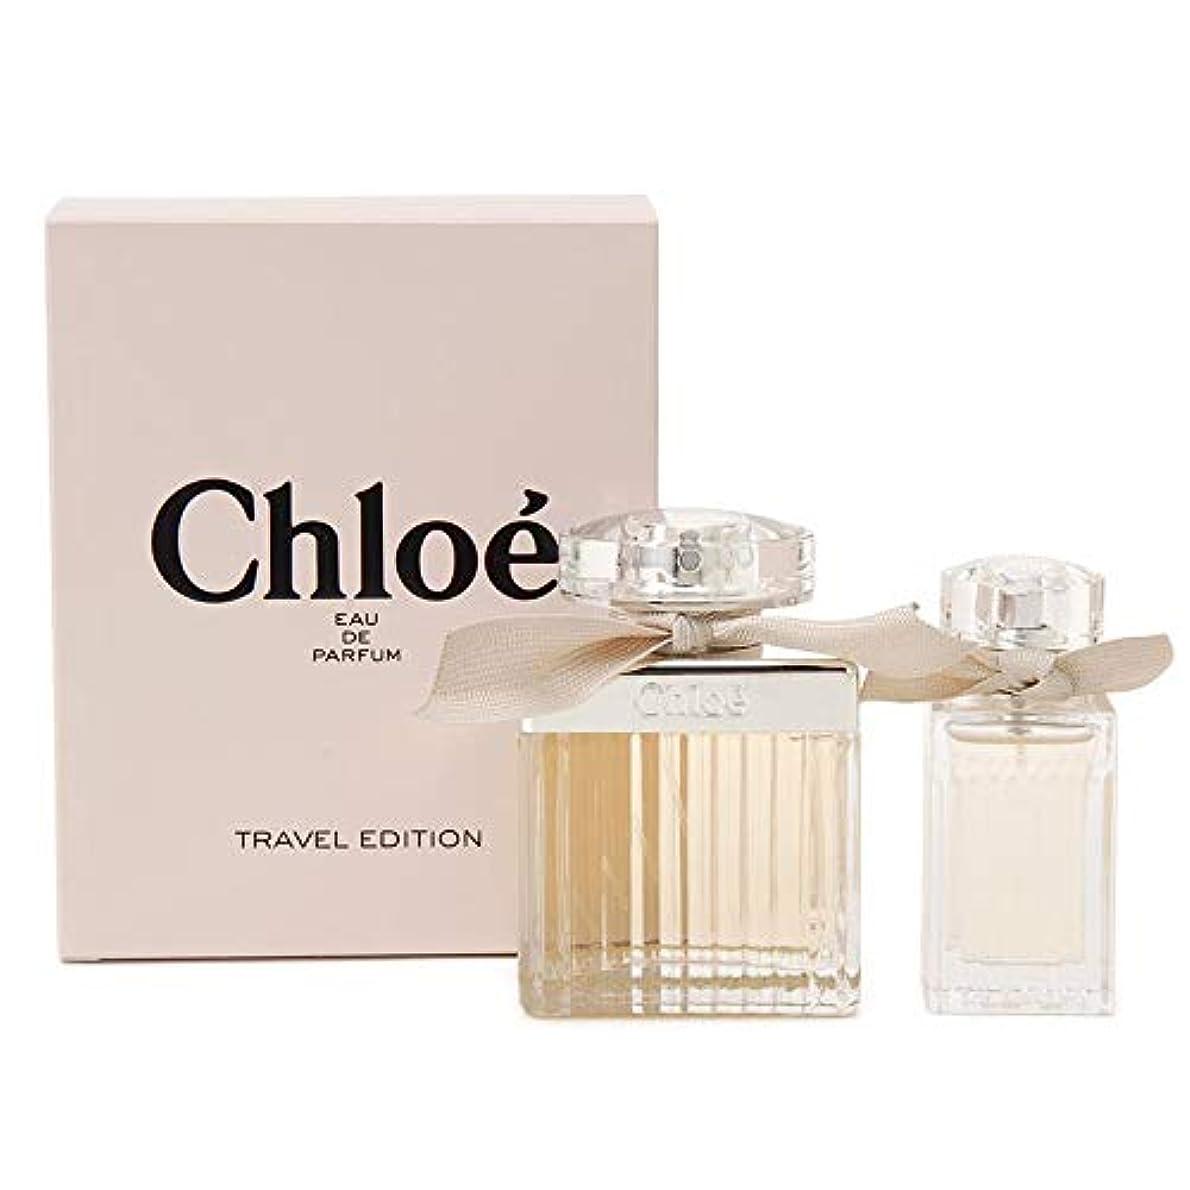 敏感な三番アッパークロエ chloe オードパルファム 香水セット 20ml 75ml 2P 香水 レディース 女性用 フレグランス [並行輸入品]